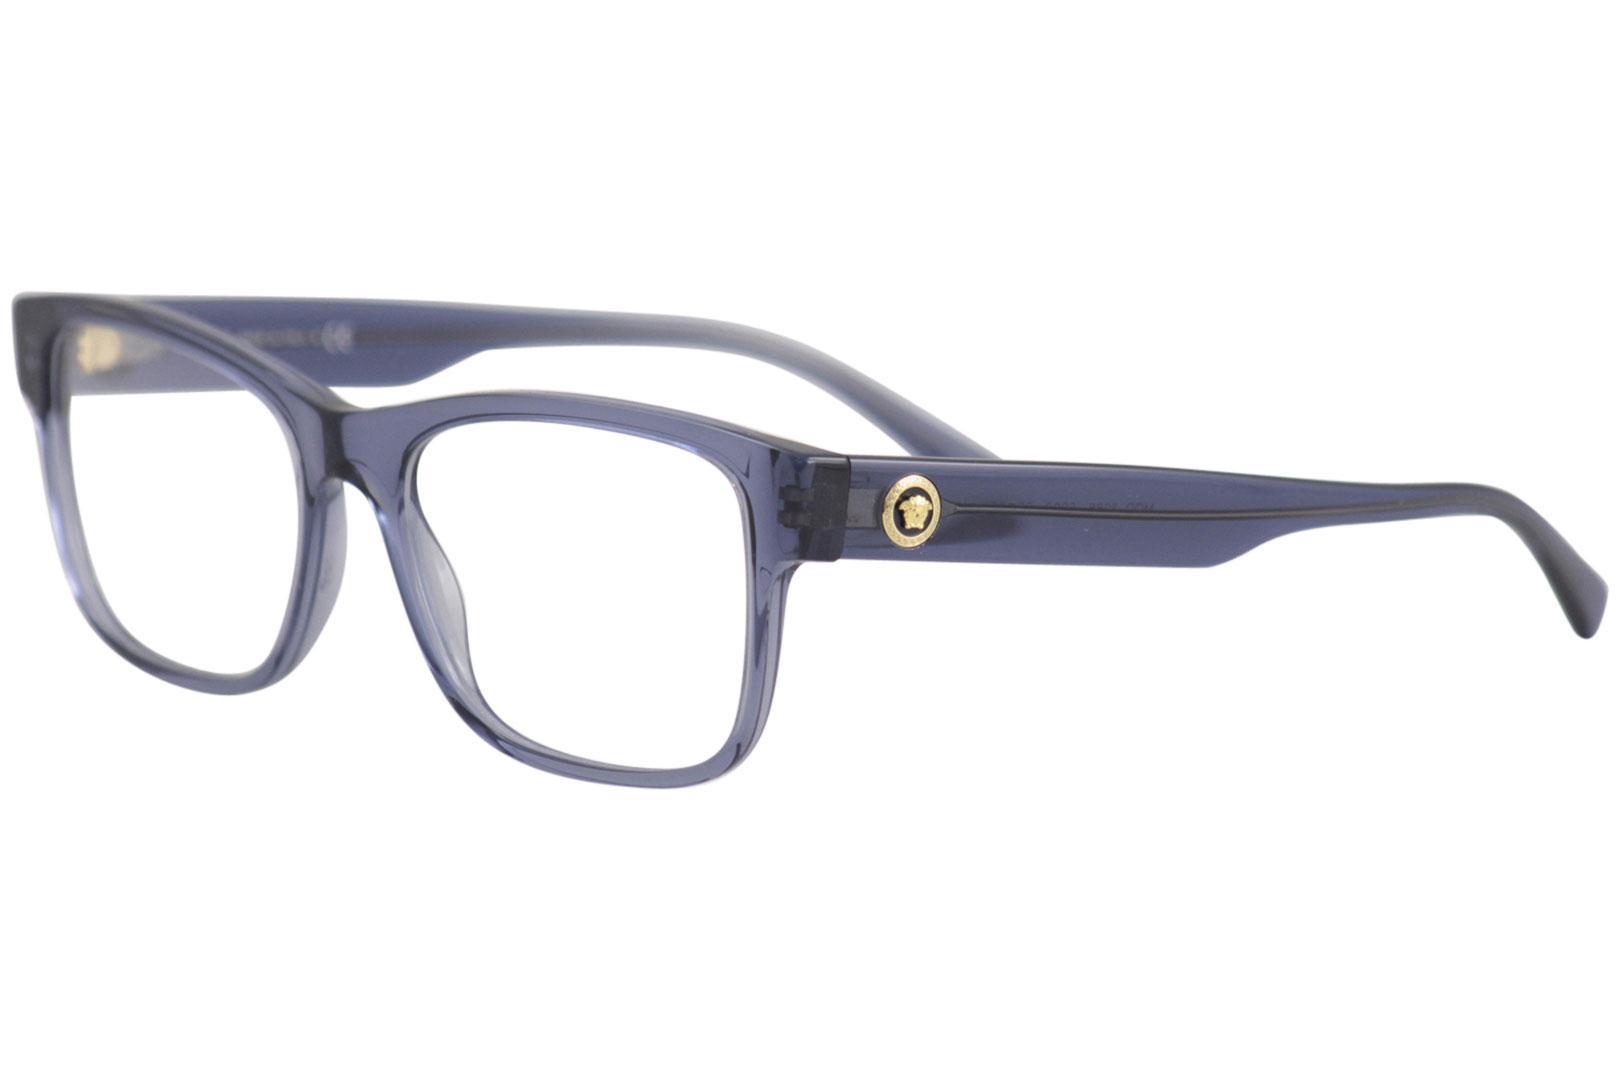 bae5dea7ab Versace Men s Eyeglasses VE3266 VE 3266 Full Rim Optical Frame